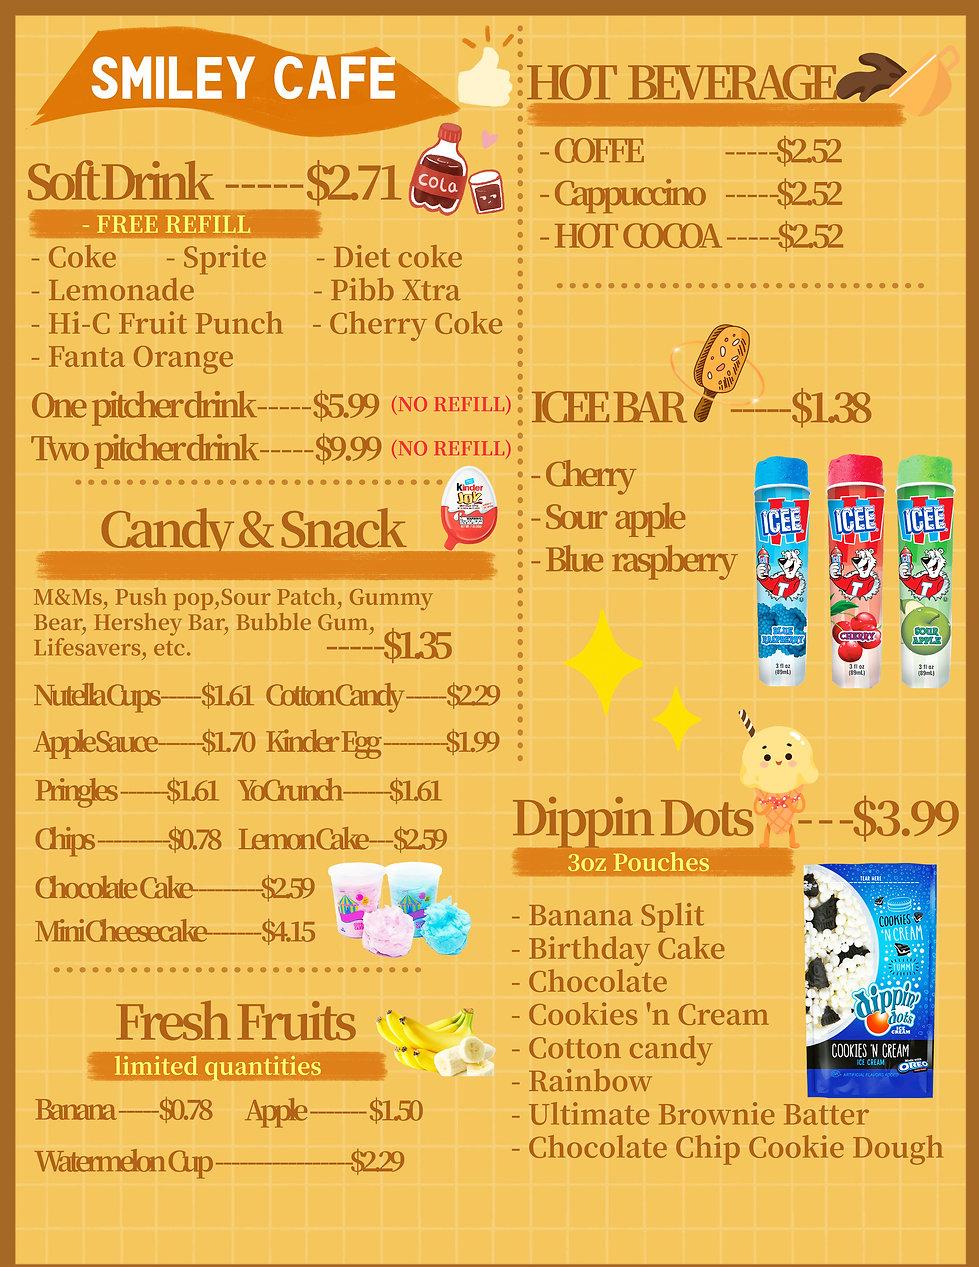 Smiley menu 8-8-21 Snack (2).jpg